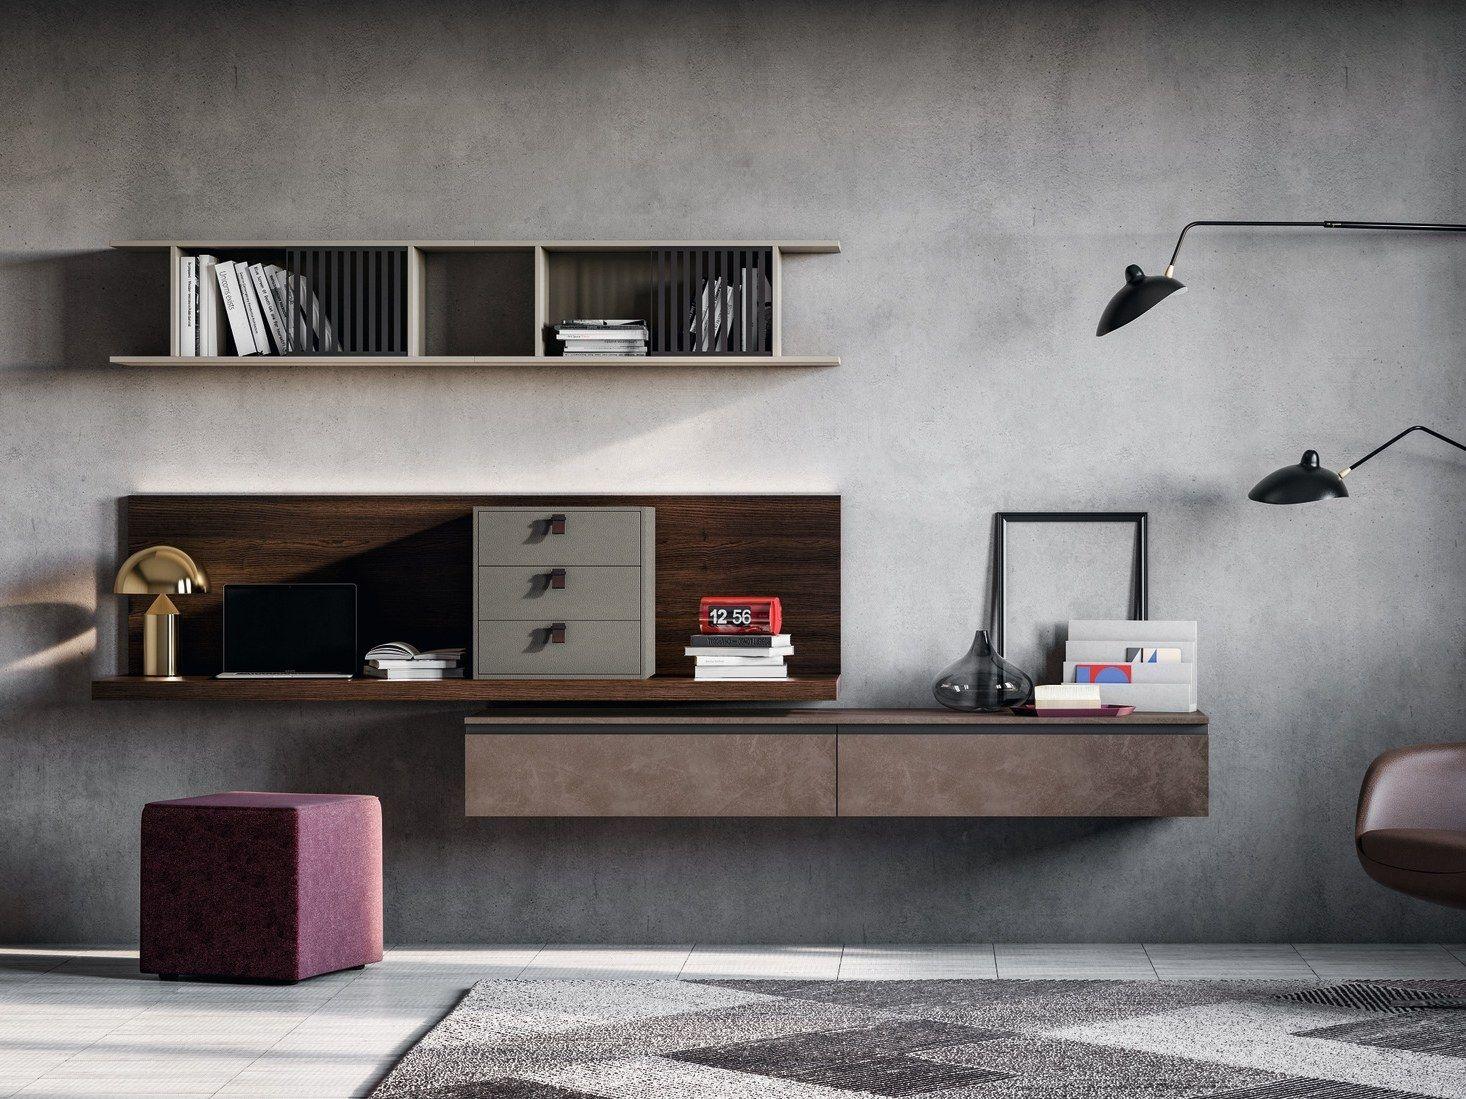 Escritorio integrado en la pared con mueble almacenaje Dall Agnese